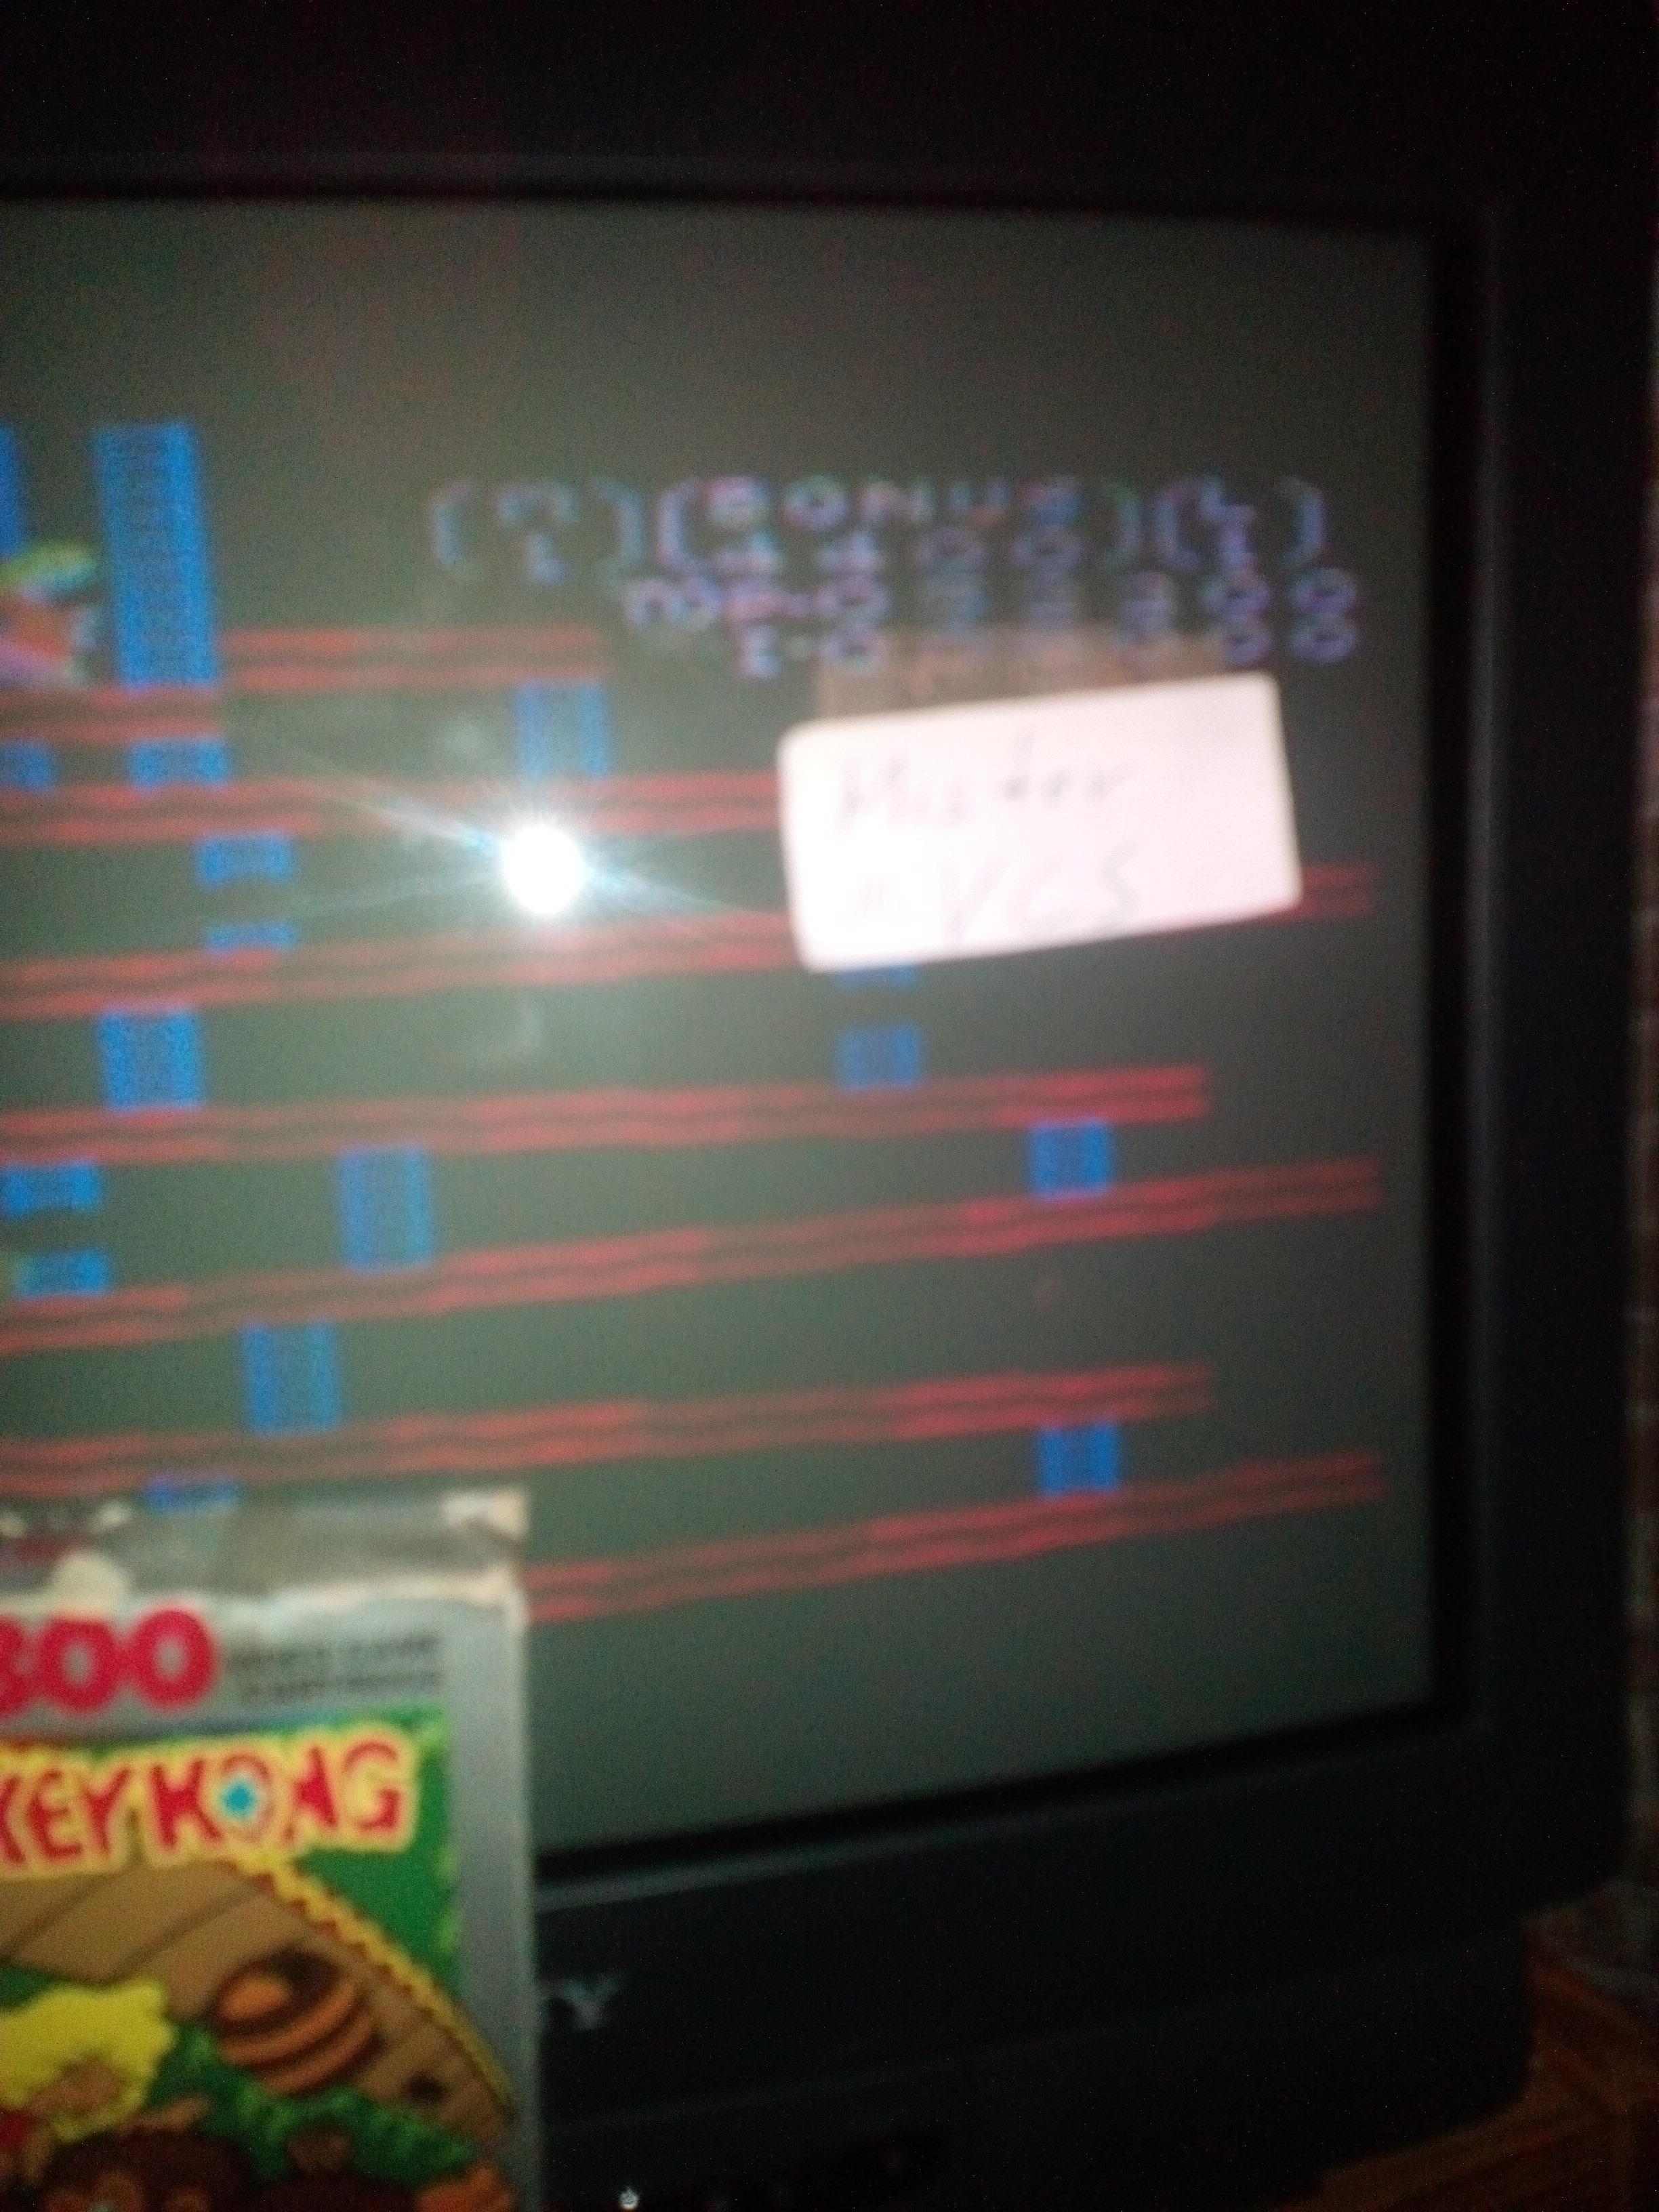 Donkey Kong: Standard 52,200 points